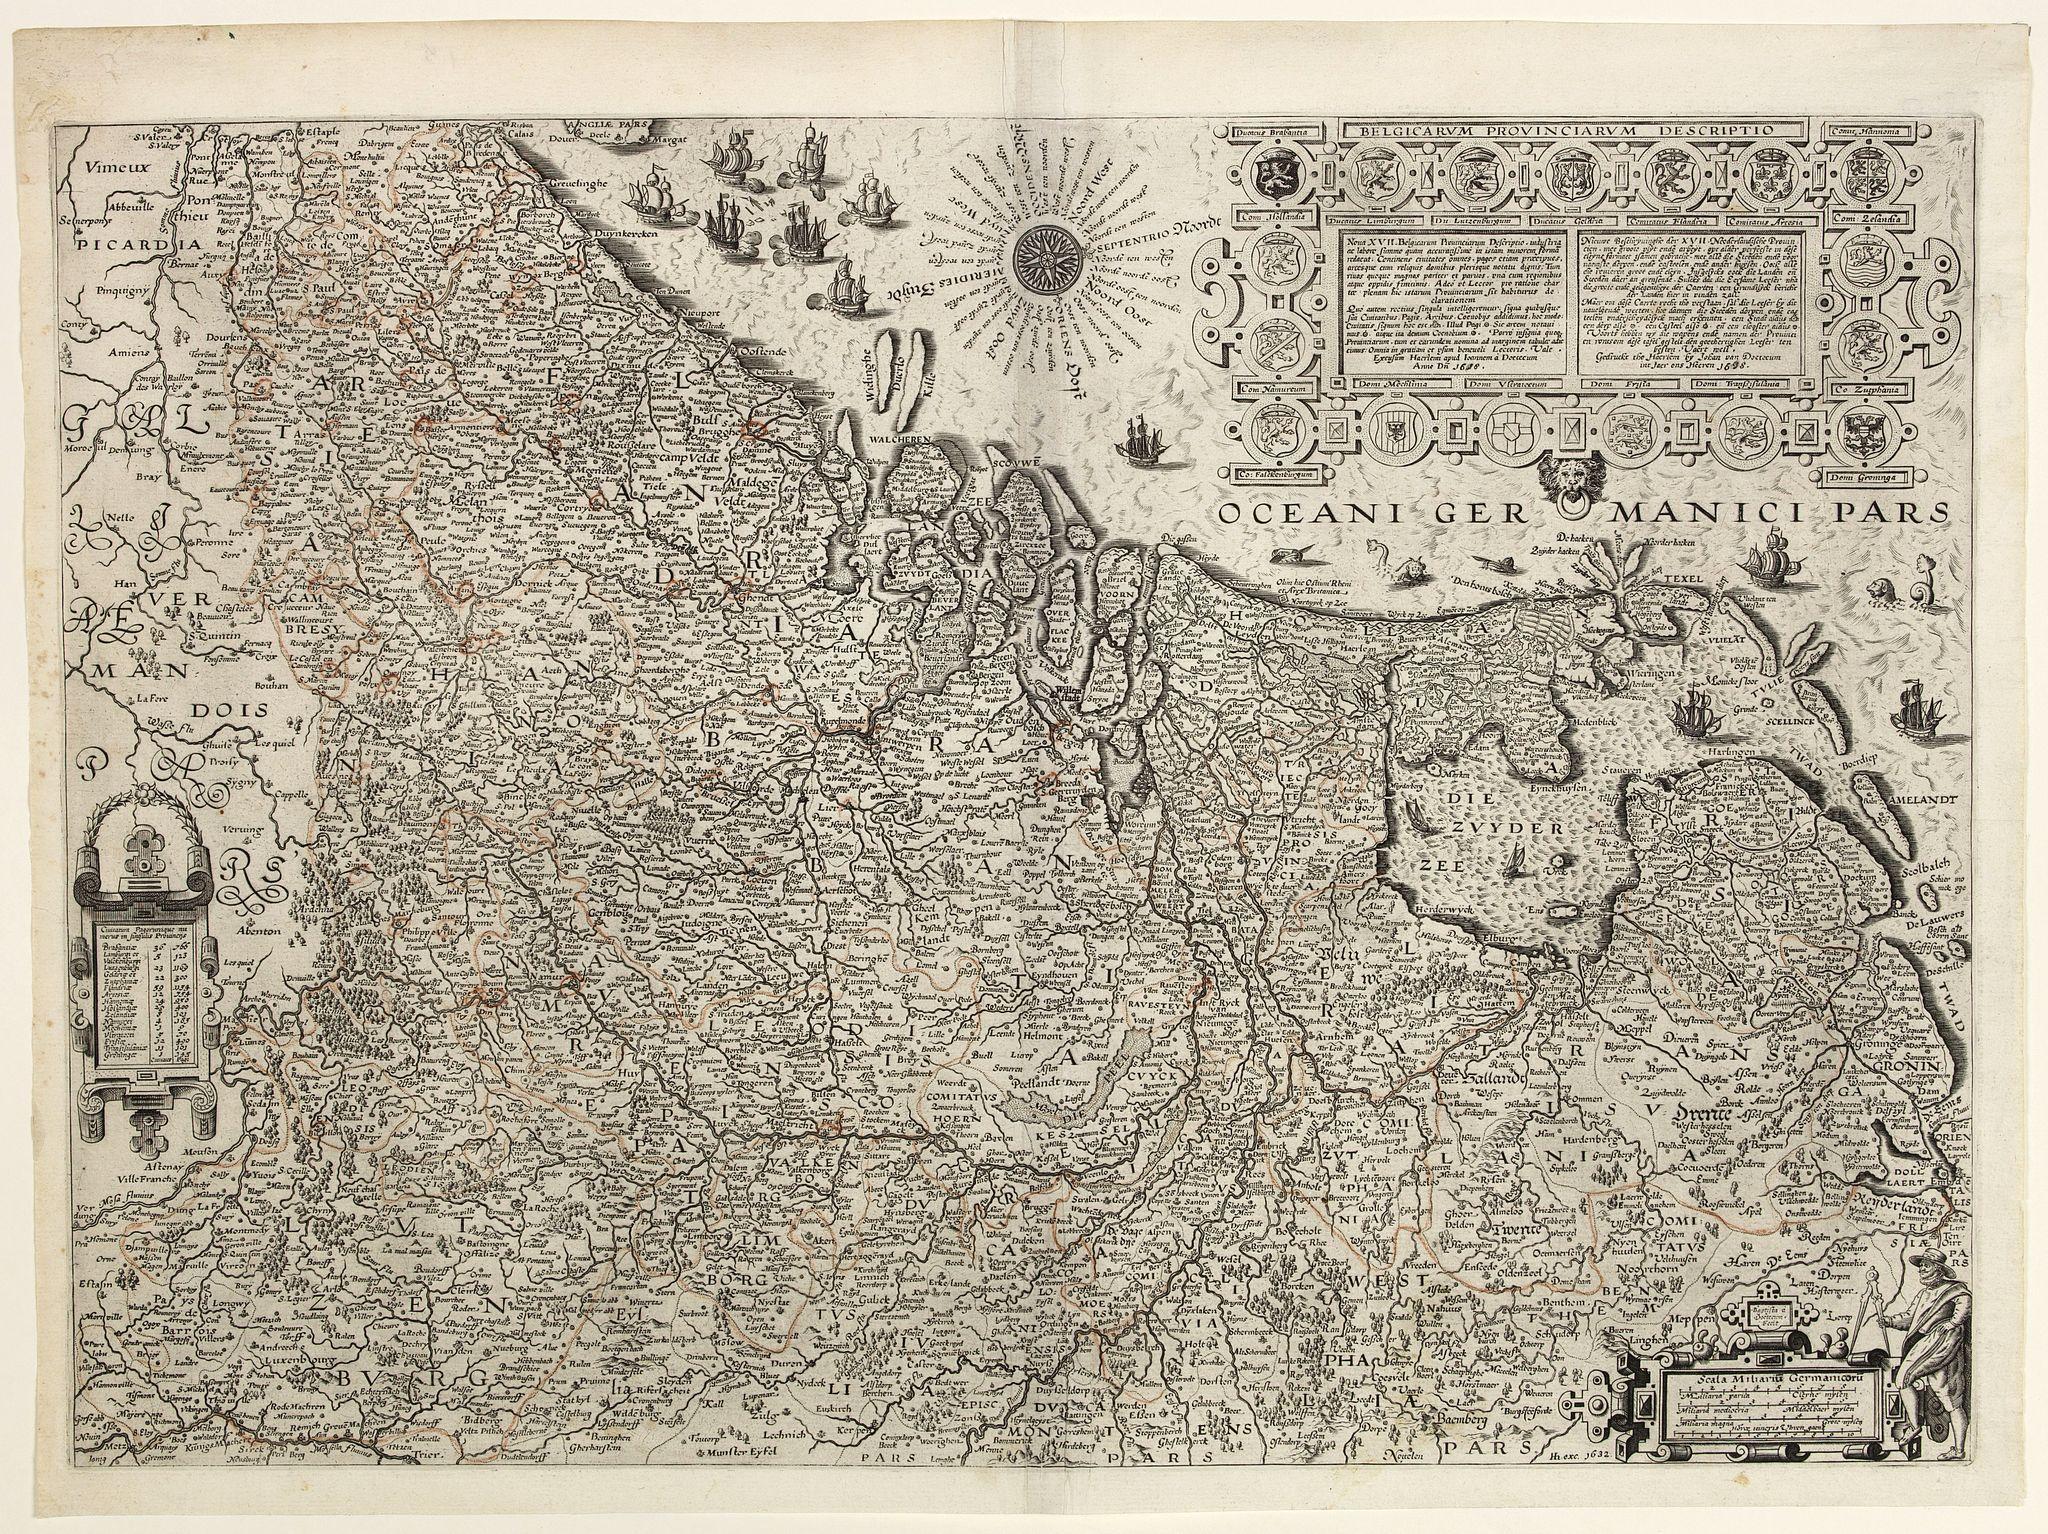 VAN DOECTECUM, J. -  Belgicarum Provinciarum Descriptio. Gedruckt te Haerlem. . .